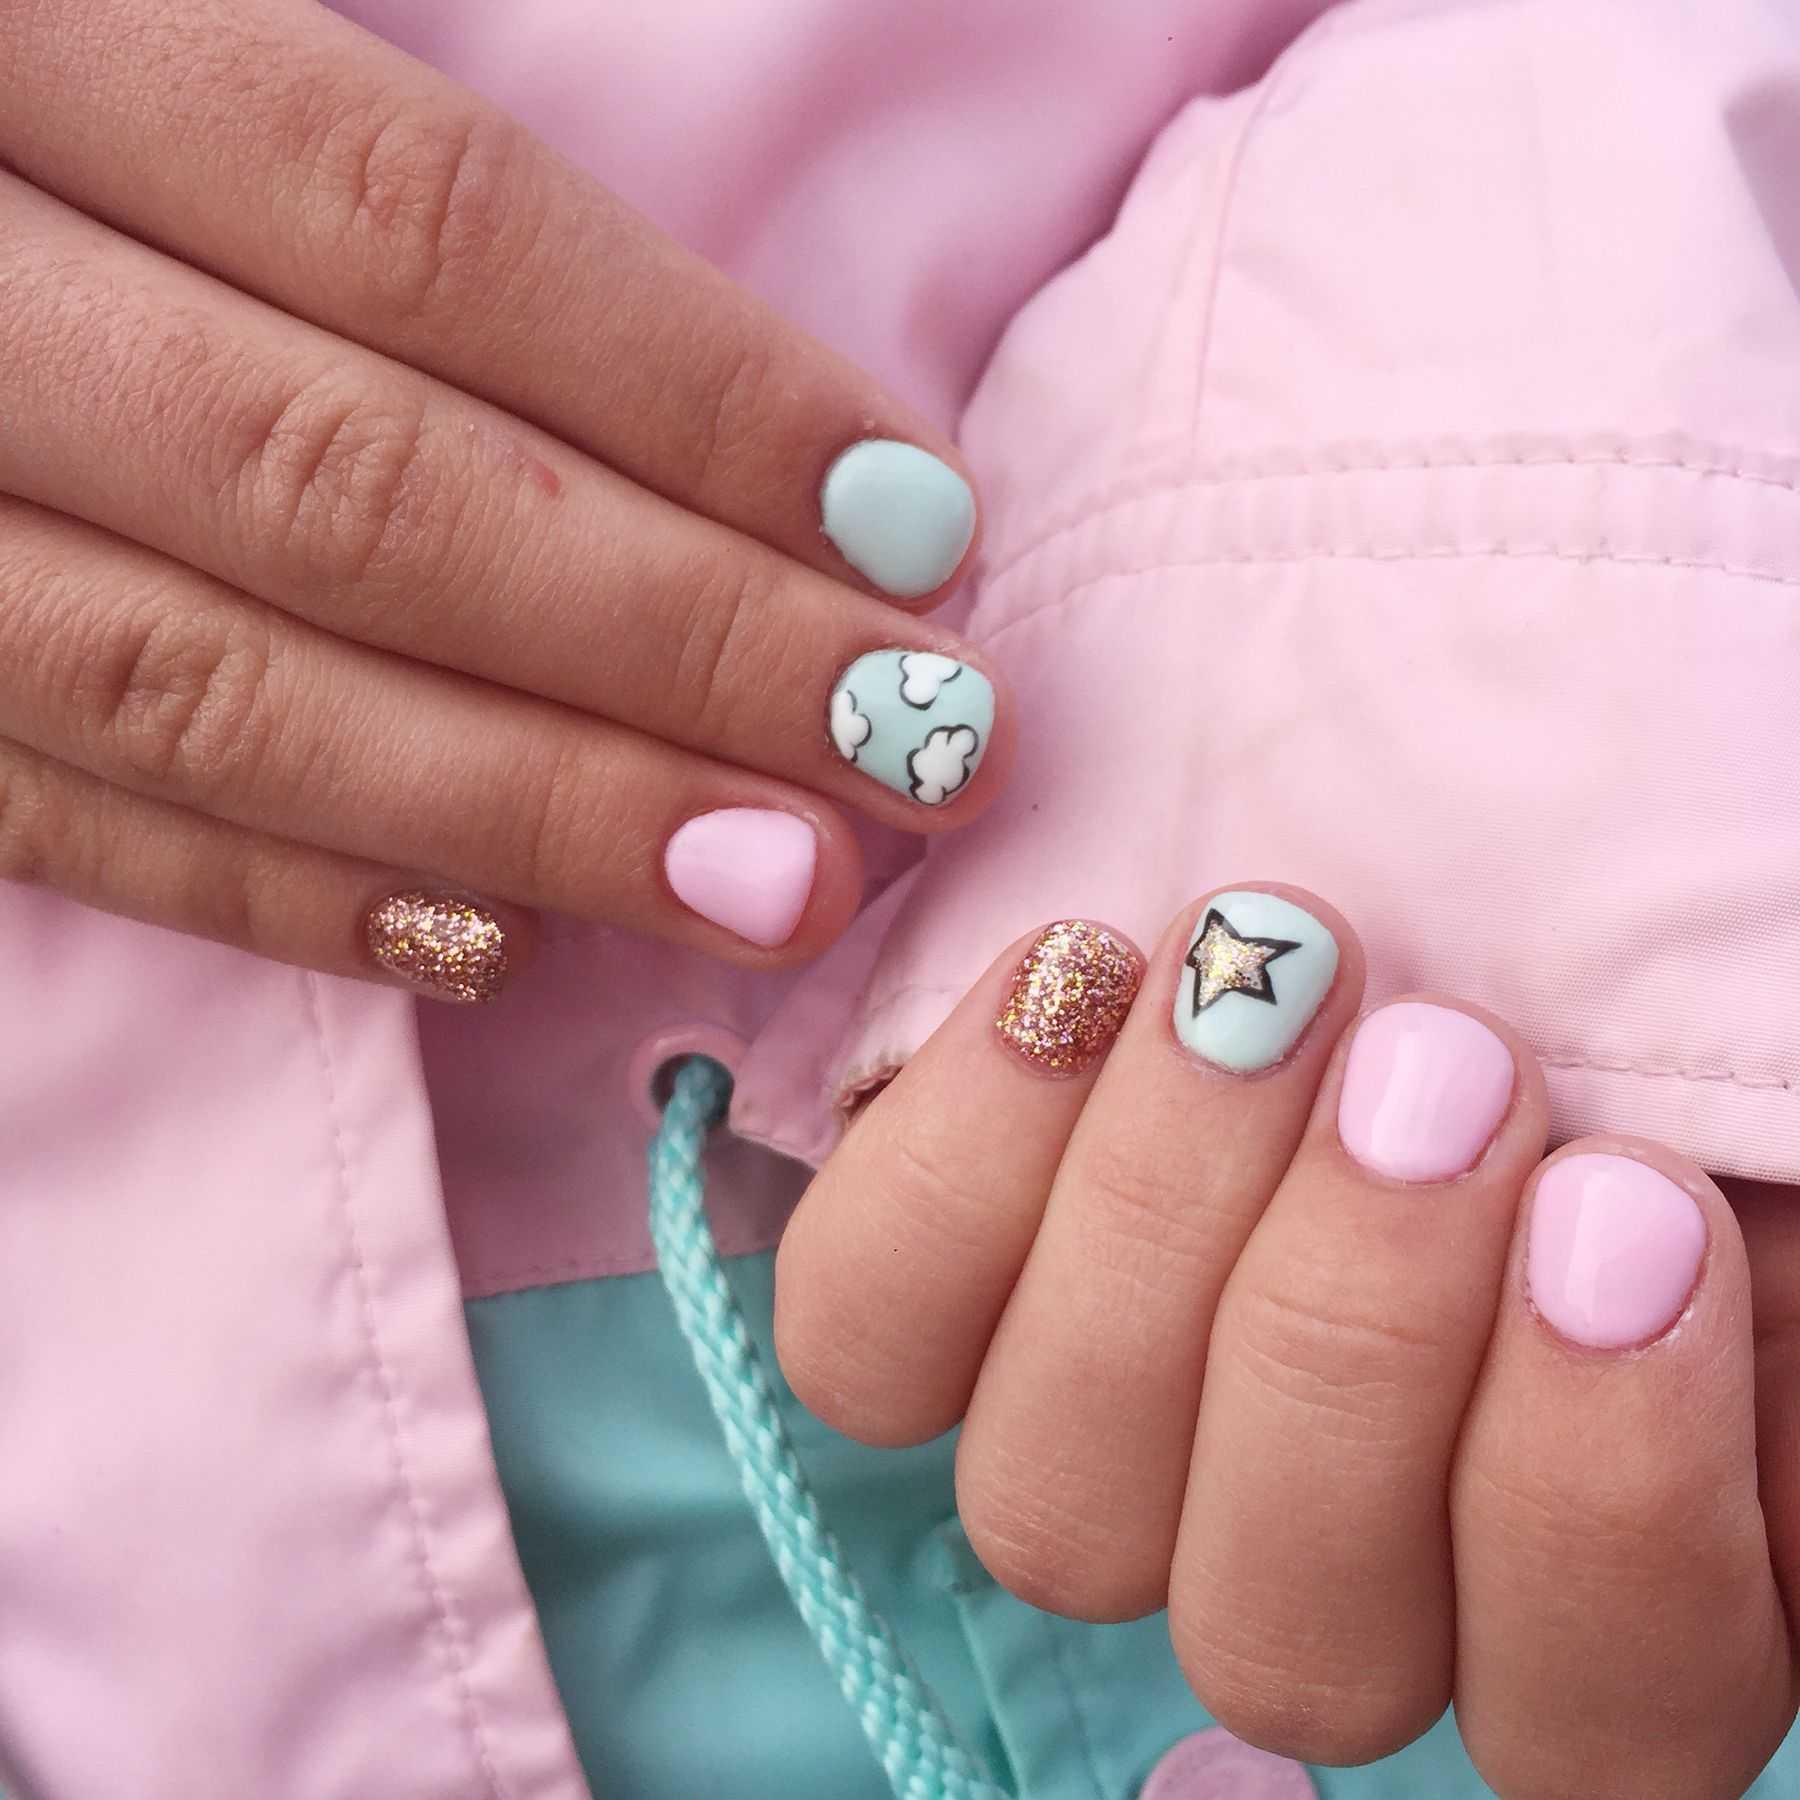 С какого возраста можно нарастить ногти и делать маникюр? 22 фото во сколько лет можно отращивать ногти девочкам?